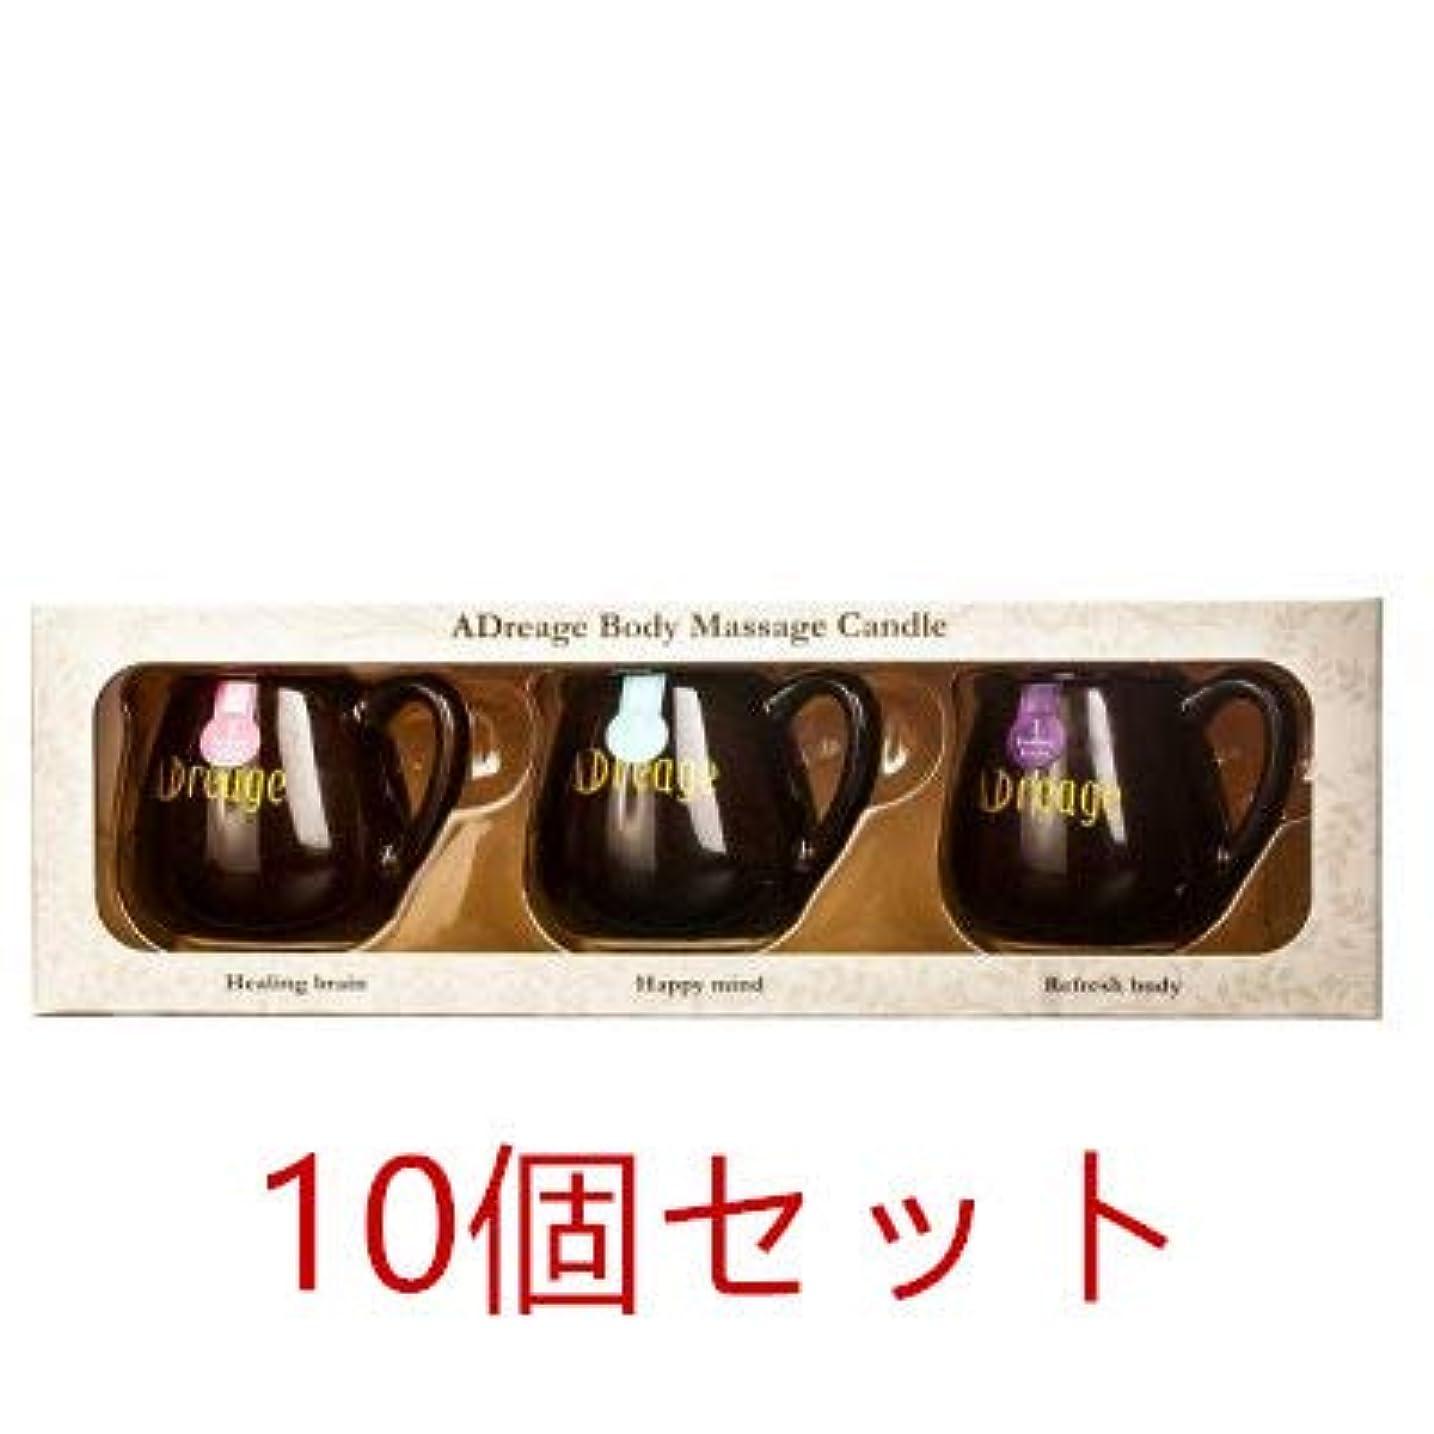 フェザー望む同情SAKURA LOVE Aroma Candle【アドレアージュ キャンドルミニセット】10個セット